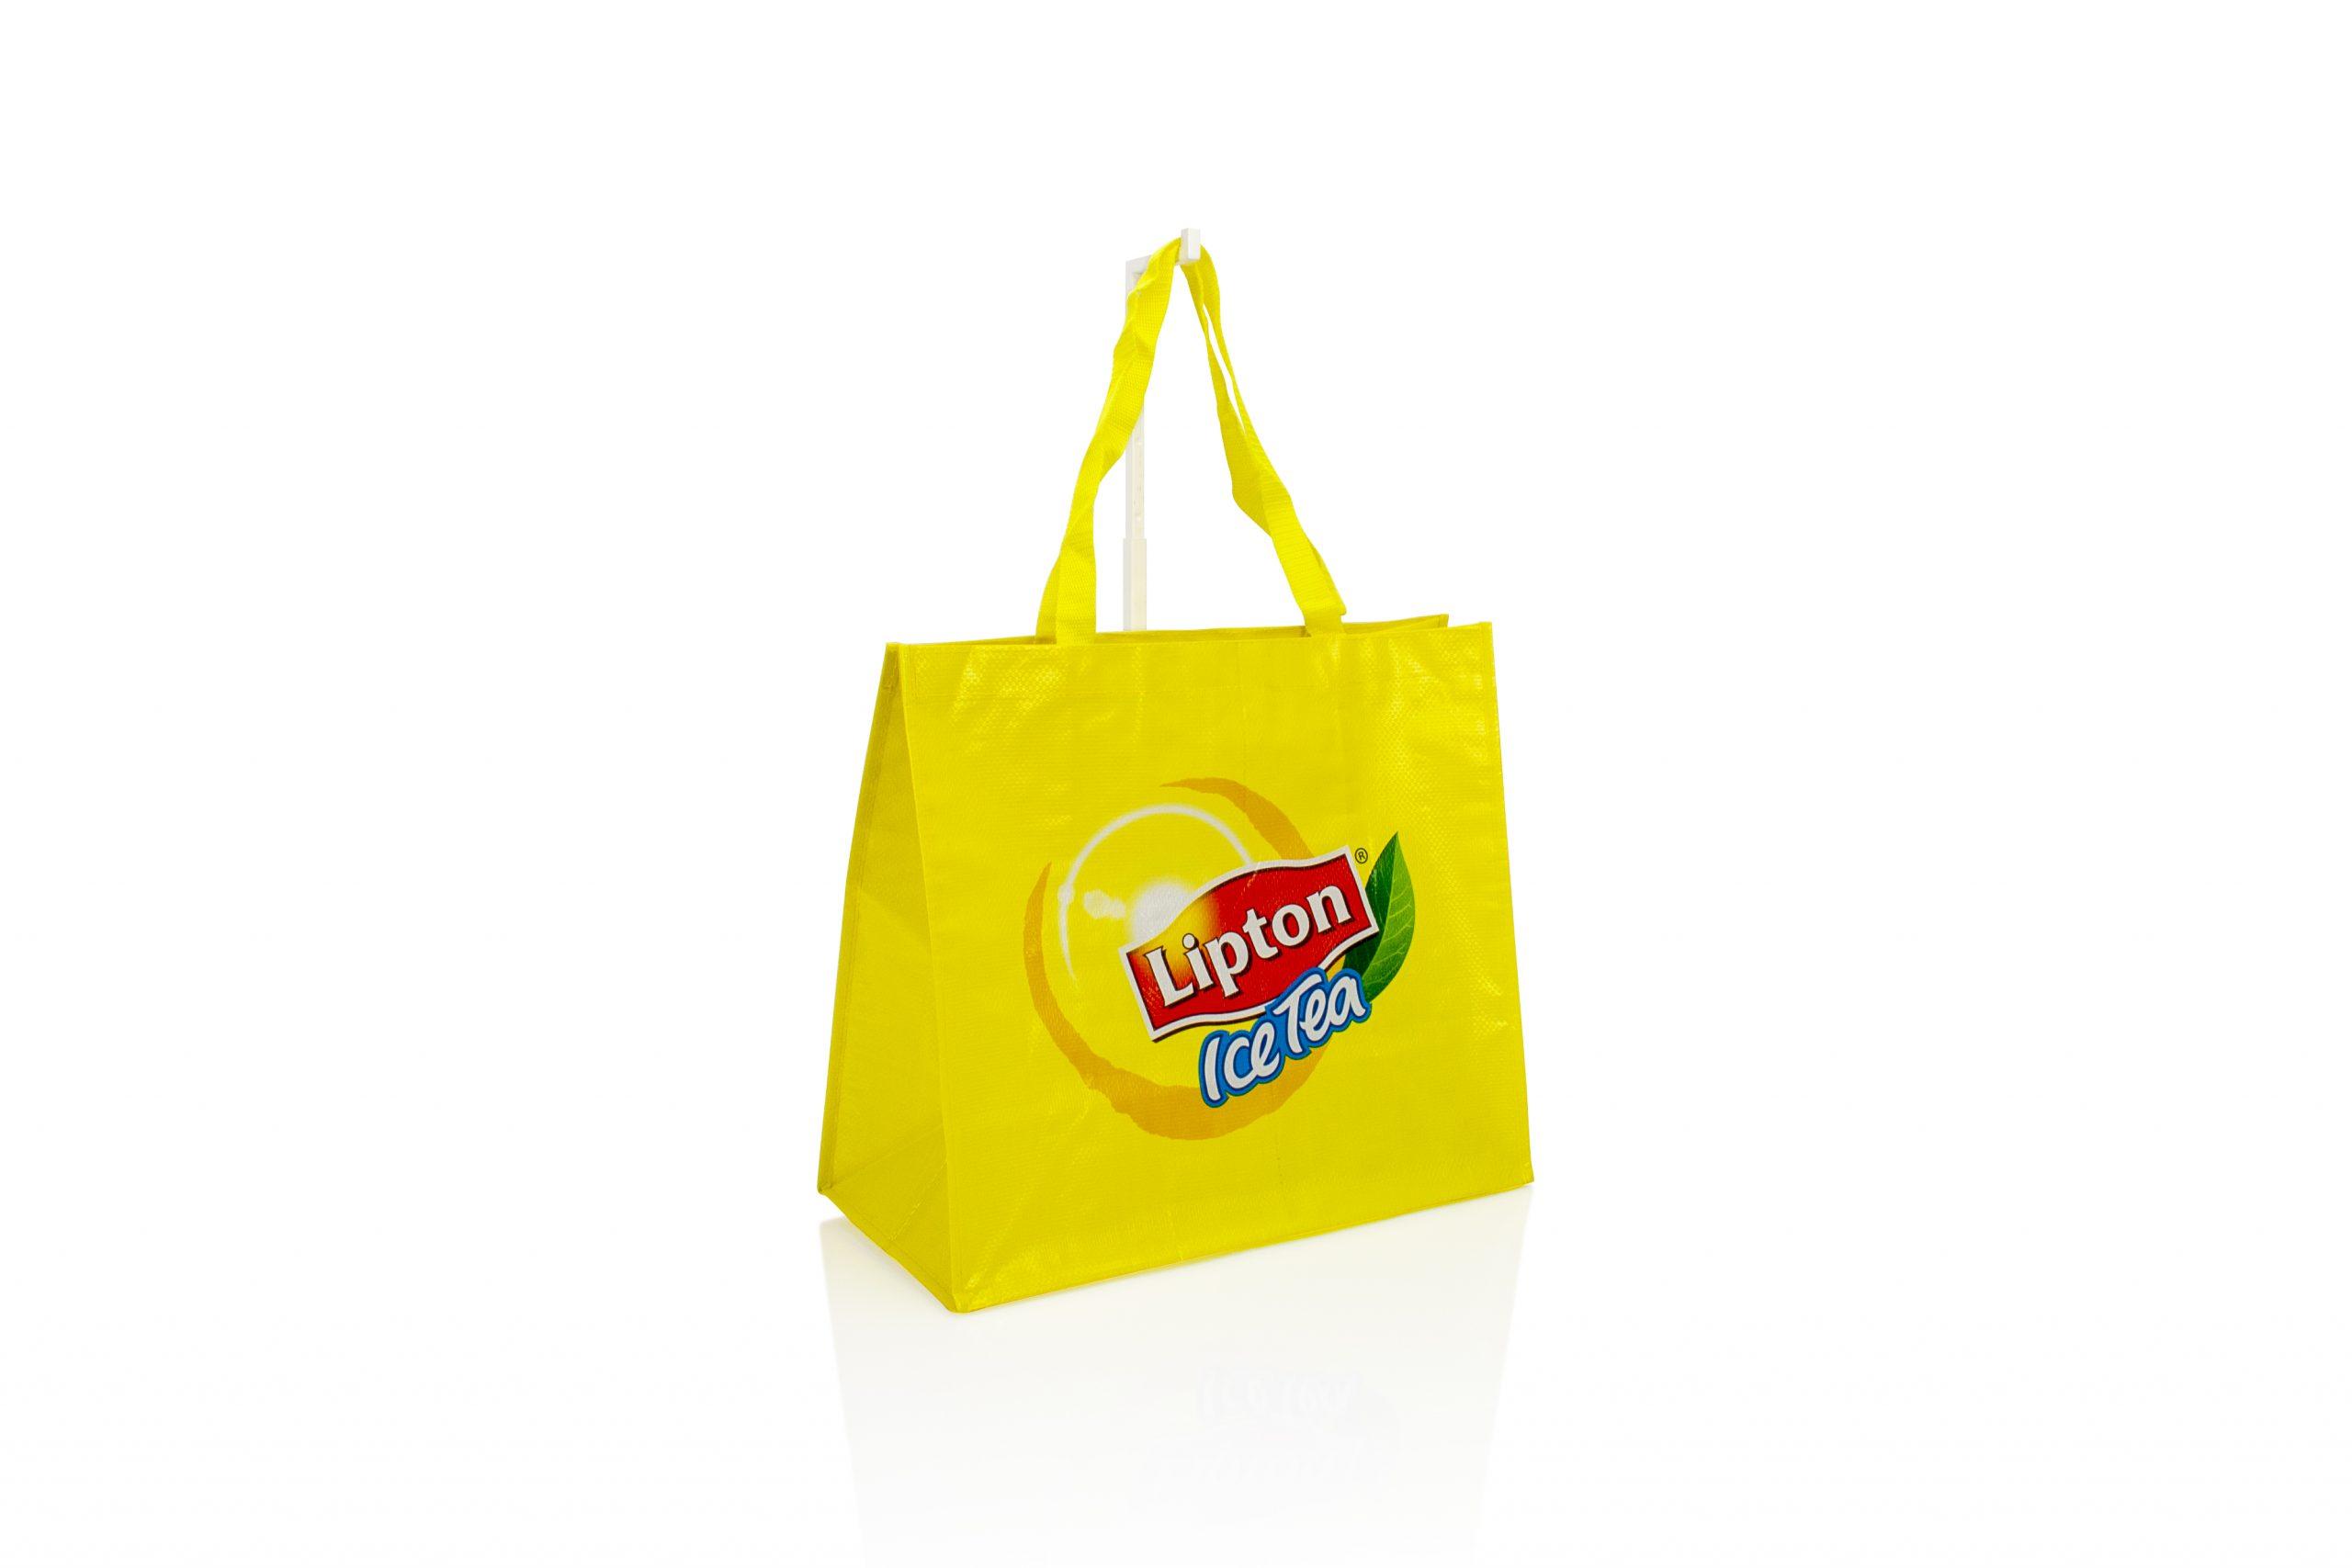 Herbruikbare draagtas woven met logo geschikt voor retail en promo artikel